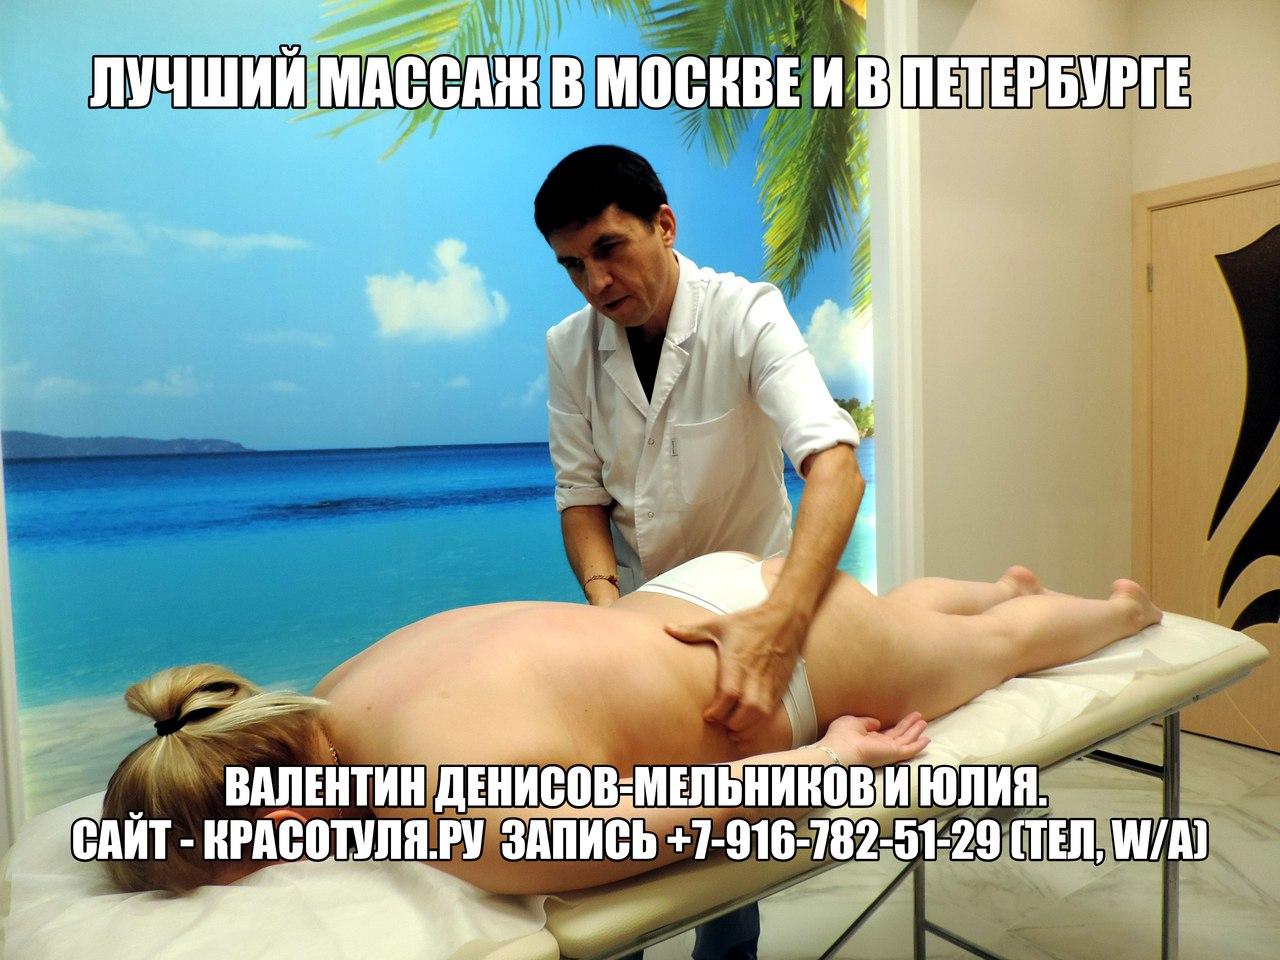 массаж спины, массаж талии для похудения, бесплатный массаж в Москве СПб,